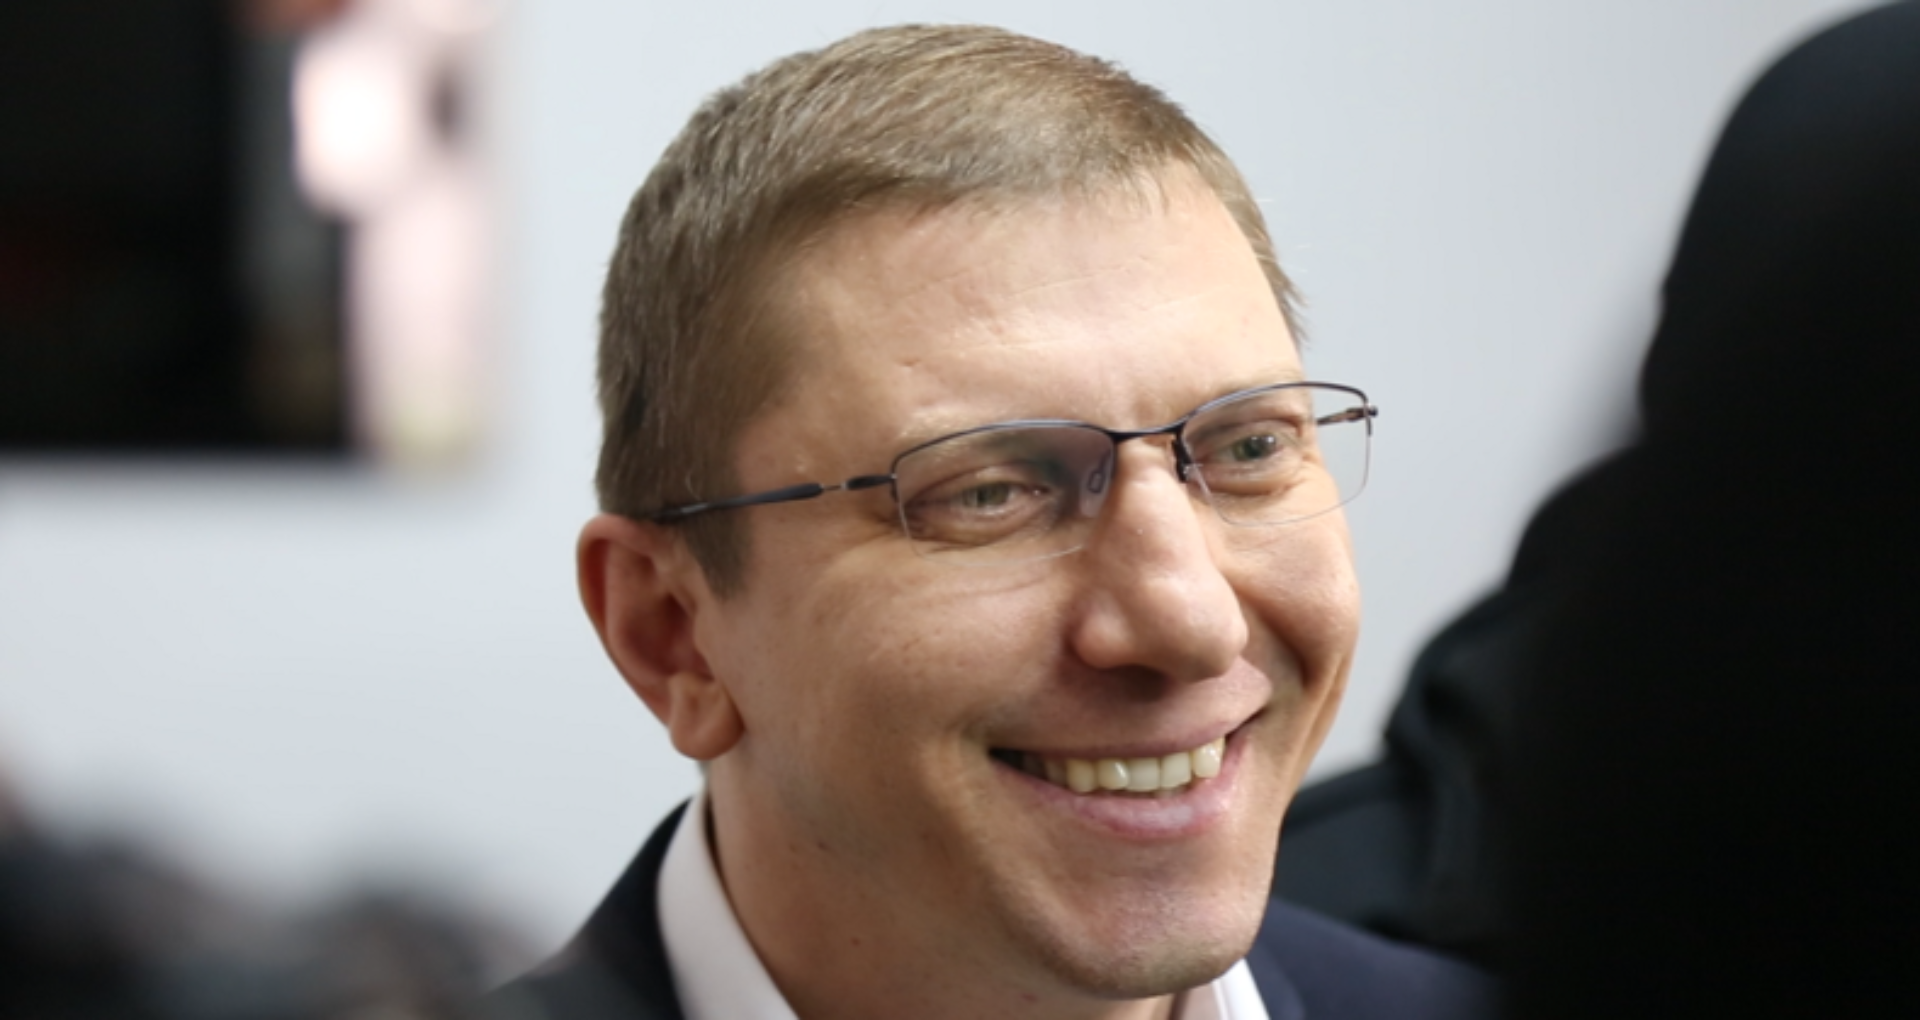 La o zi de la reținere, șeful suspendat al Procuraturii Anticorupție, Viorel Morari, a fost eliberat